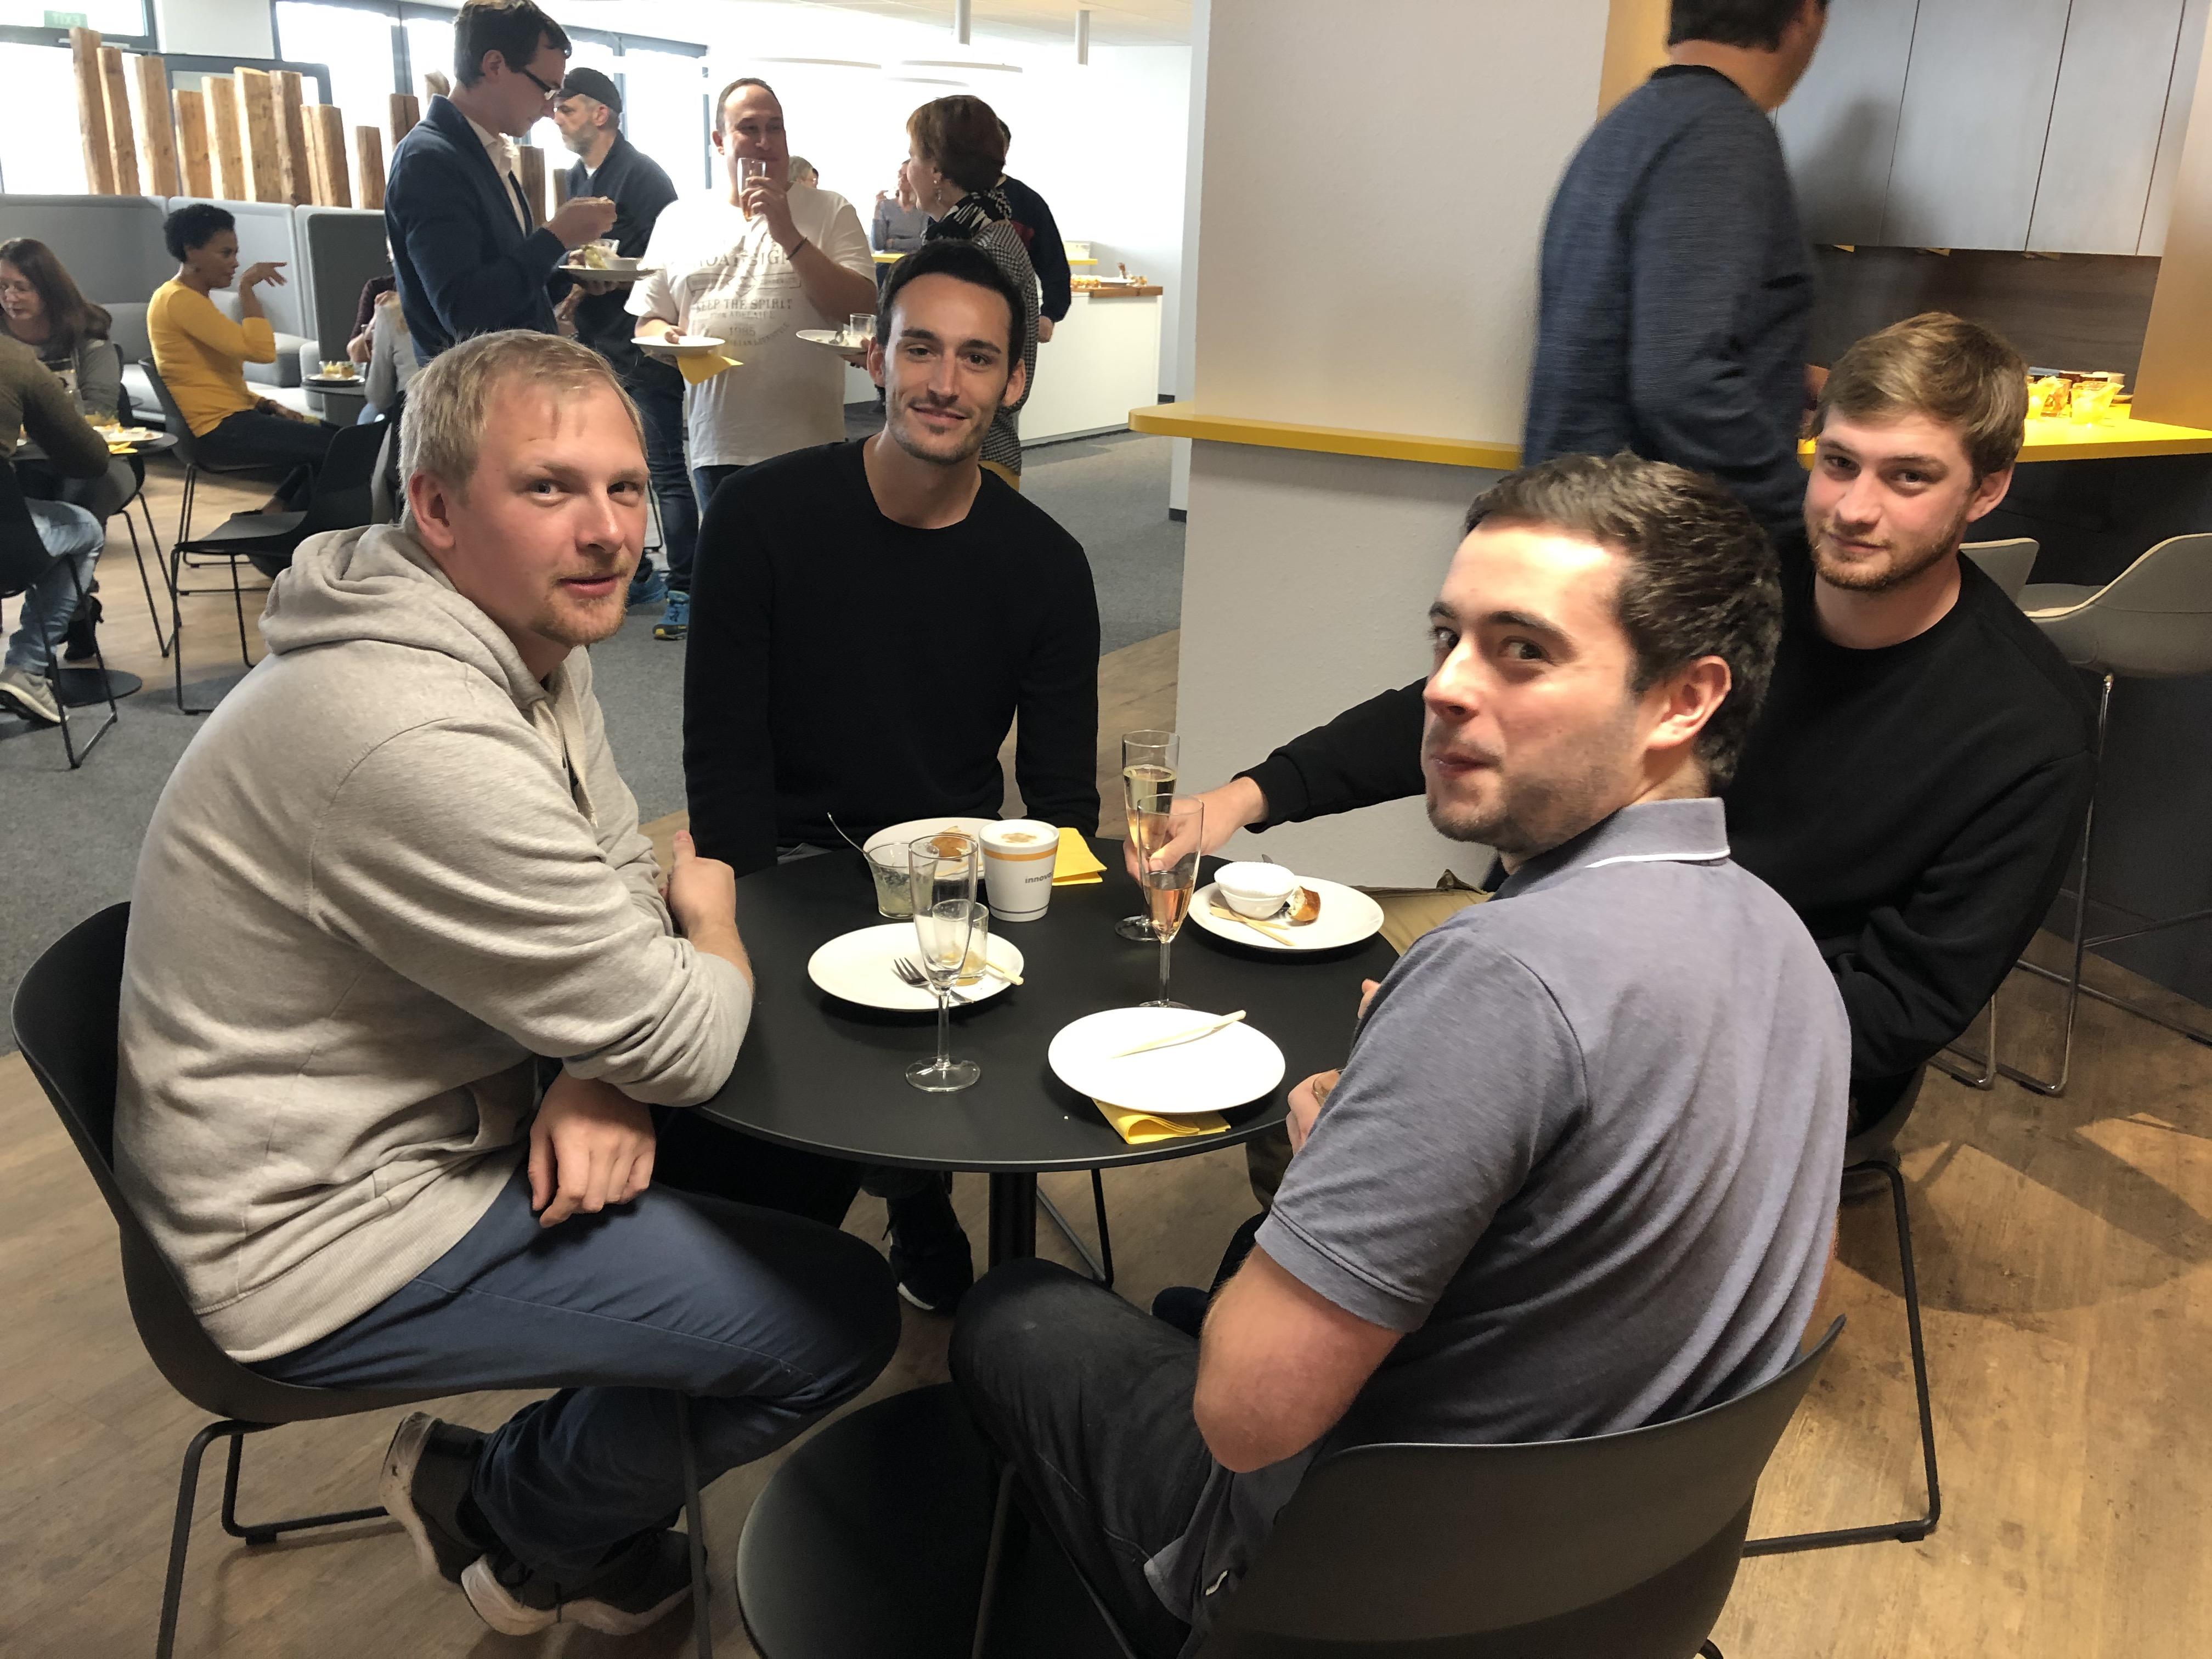 News Foto Einweihung Lounge 10 - Gepflegt chillen und arbeiten: Innovabee weiht neue Lounge ein